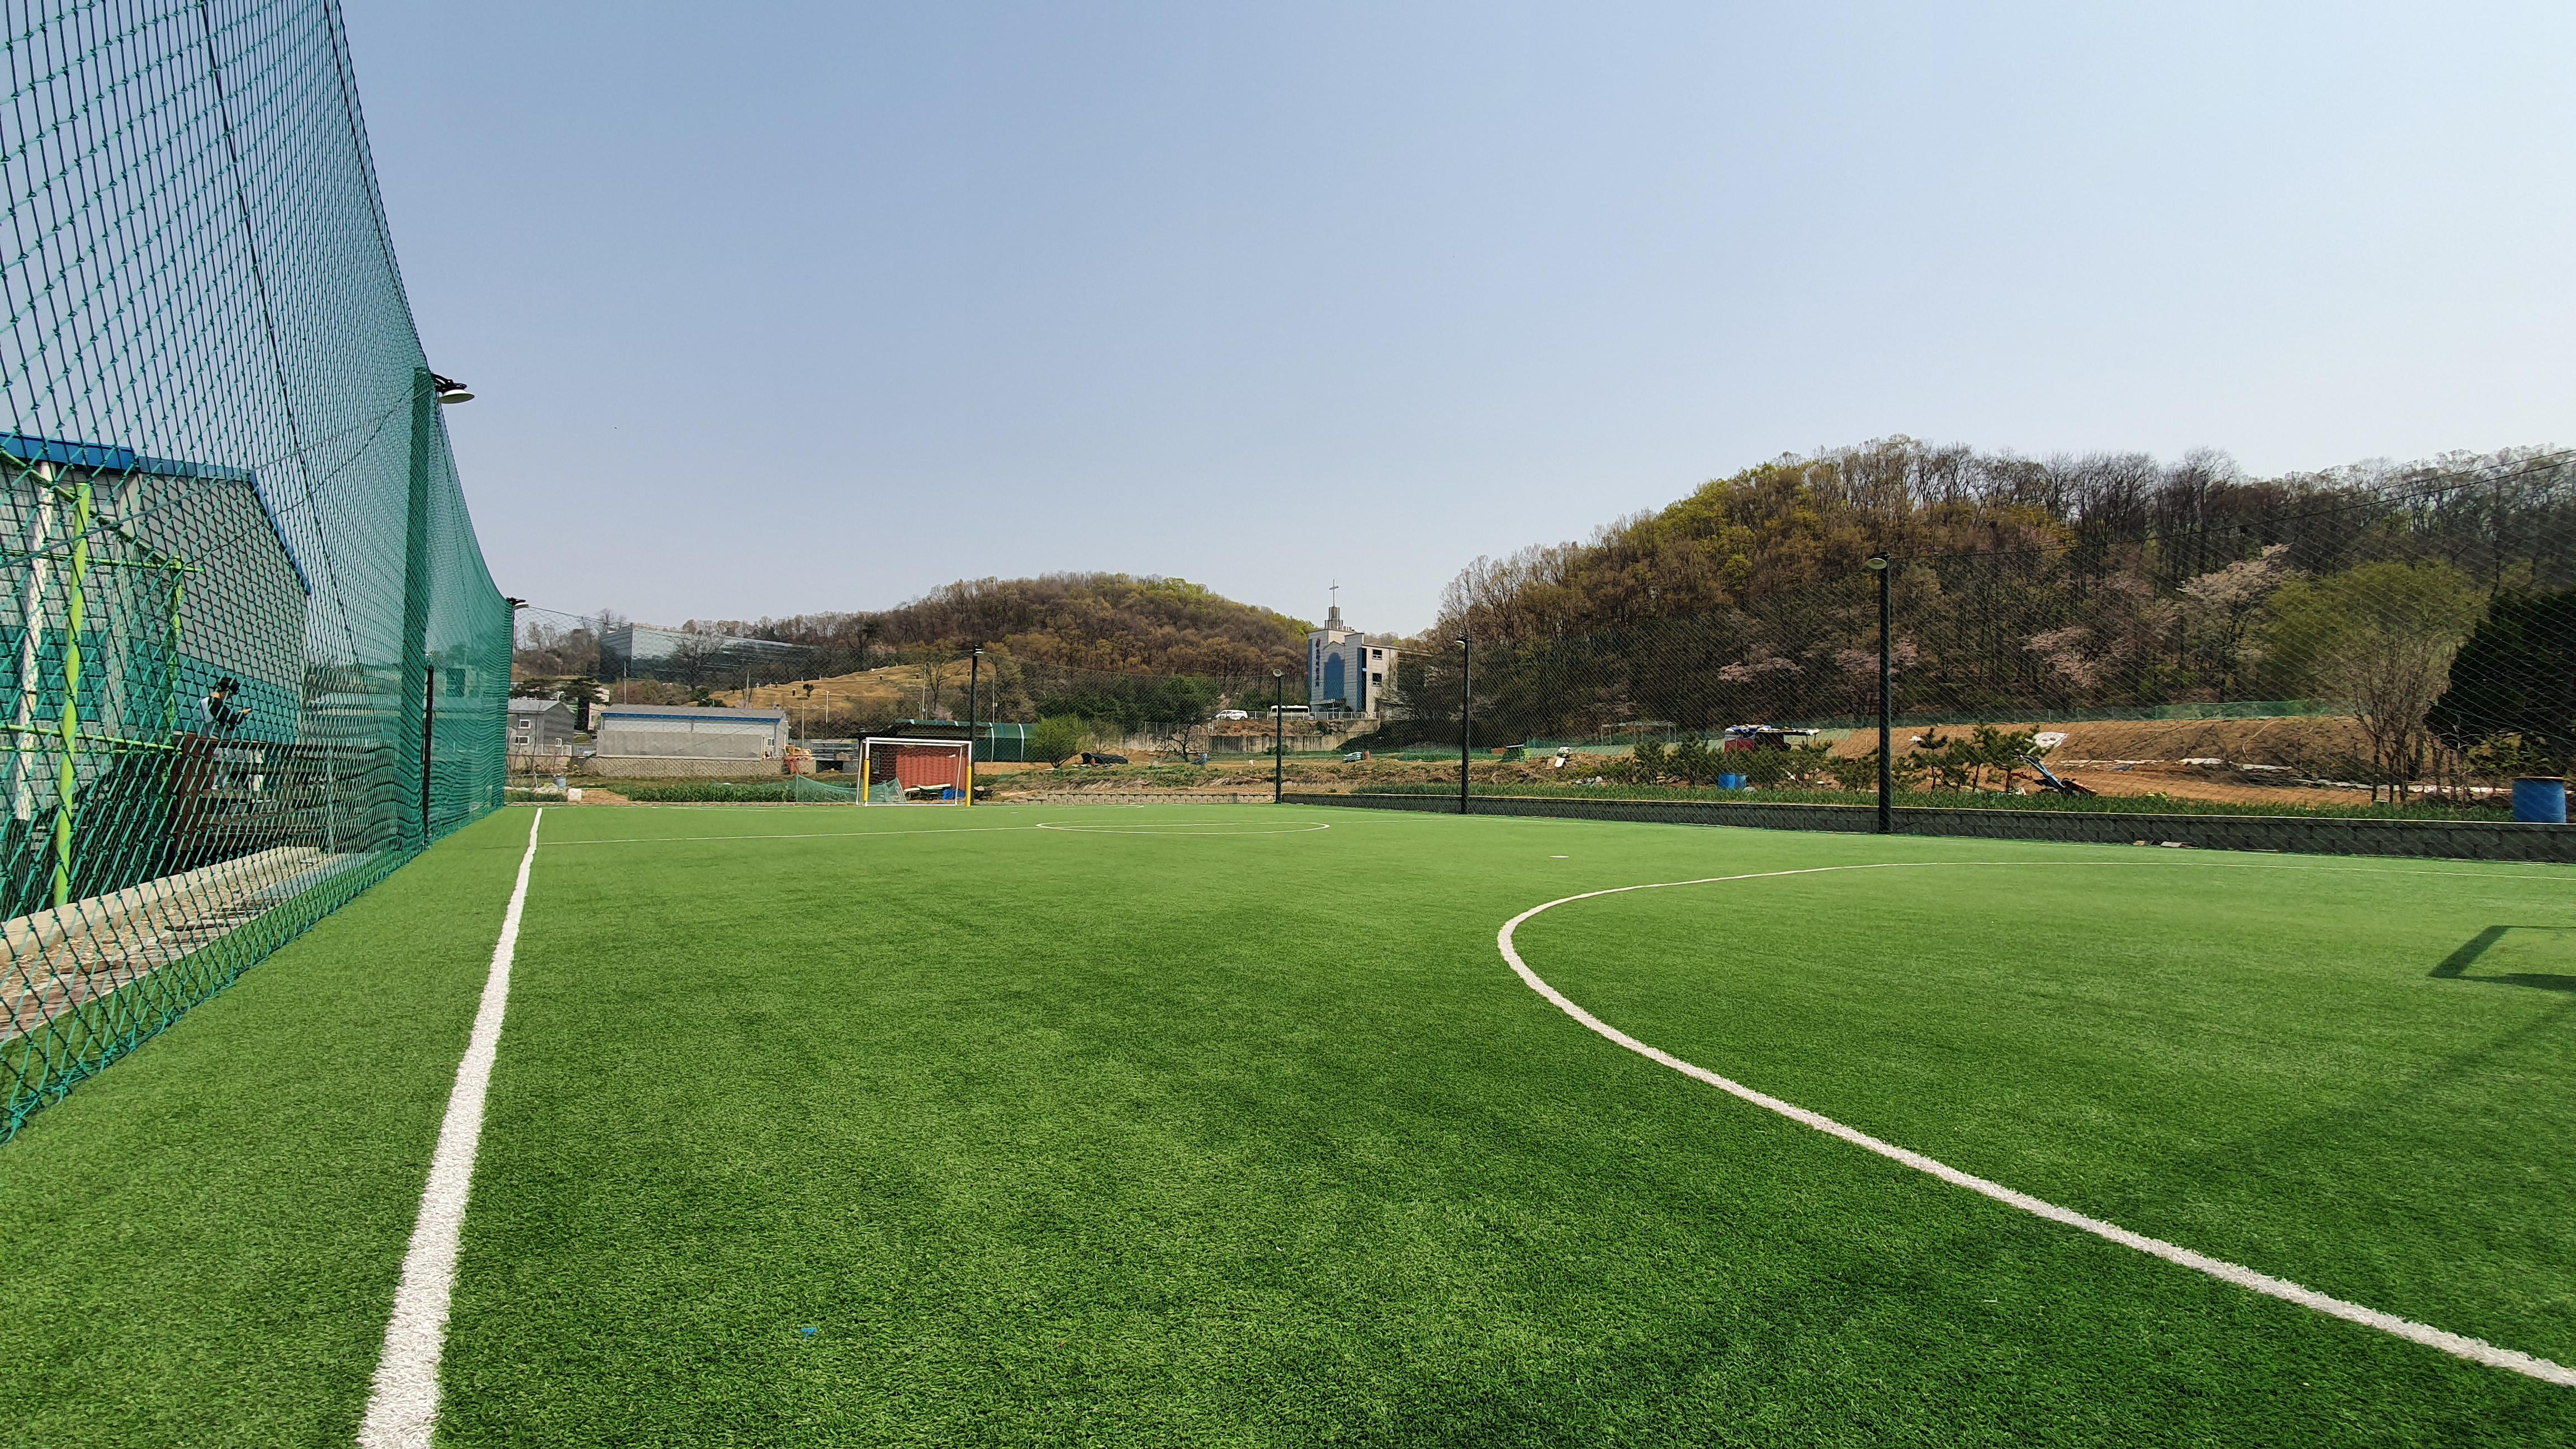 용인 참스포츠 클럽 풋살장